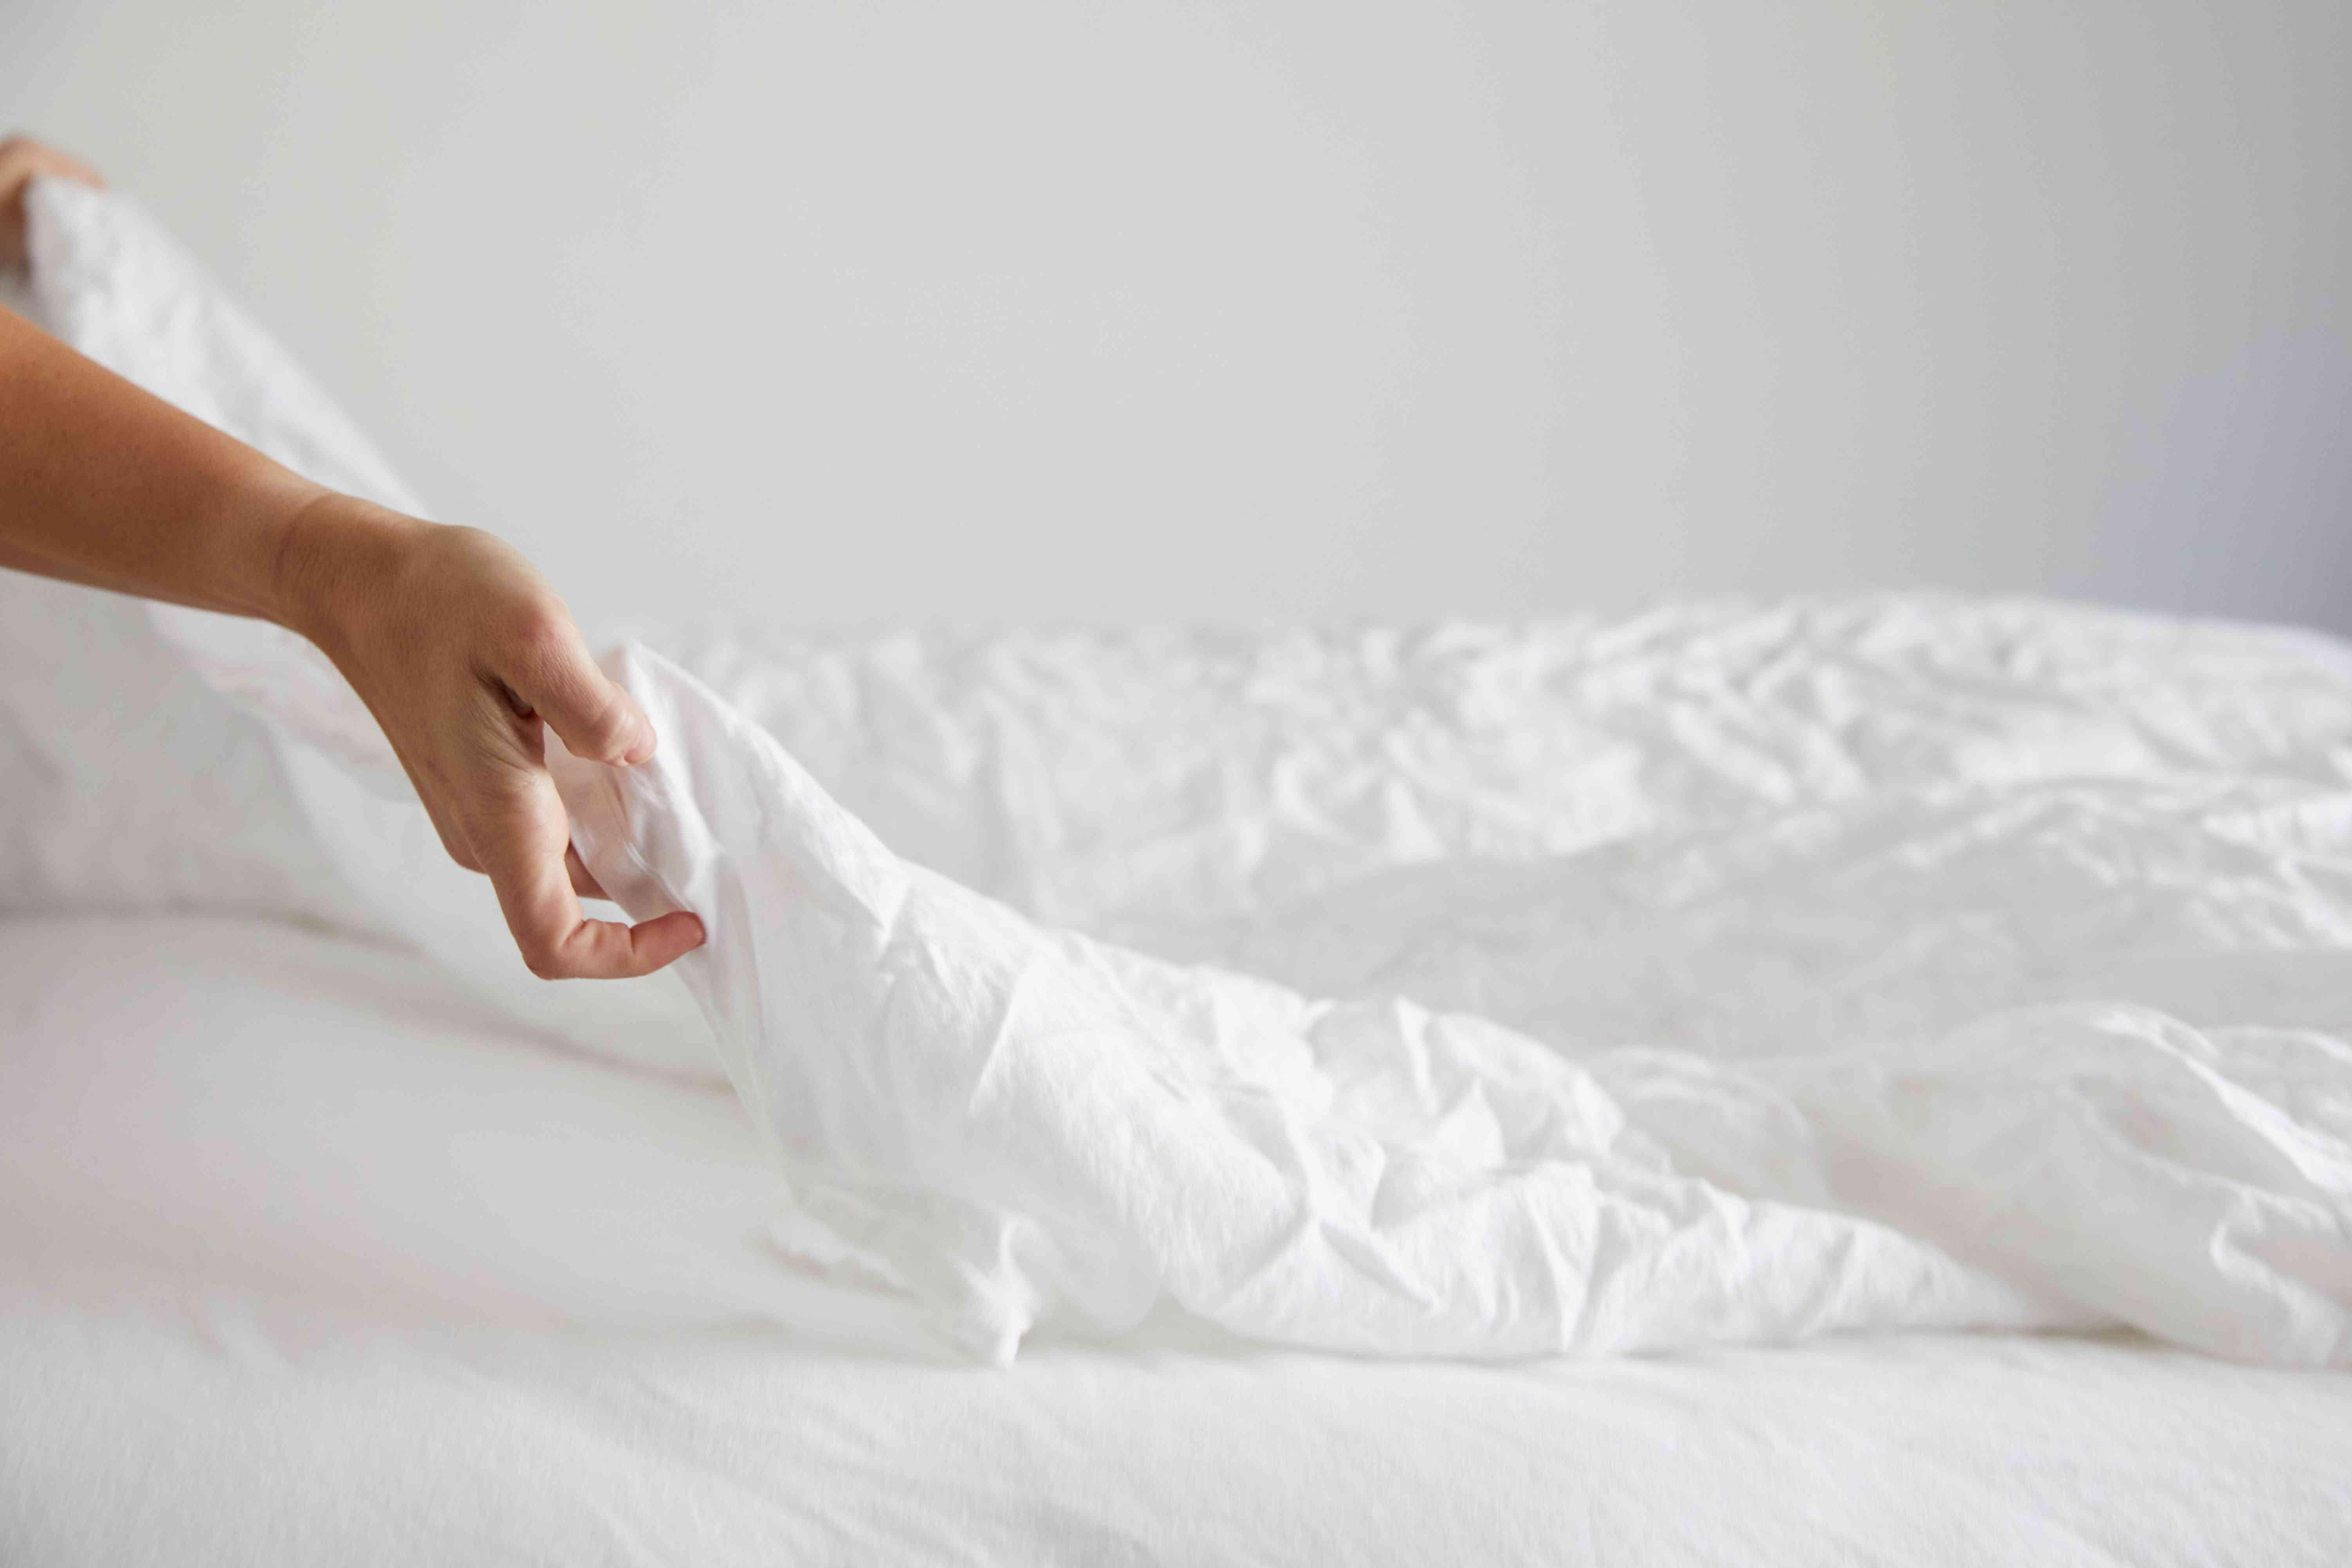 persona quitando la ropa de cama